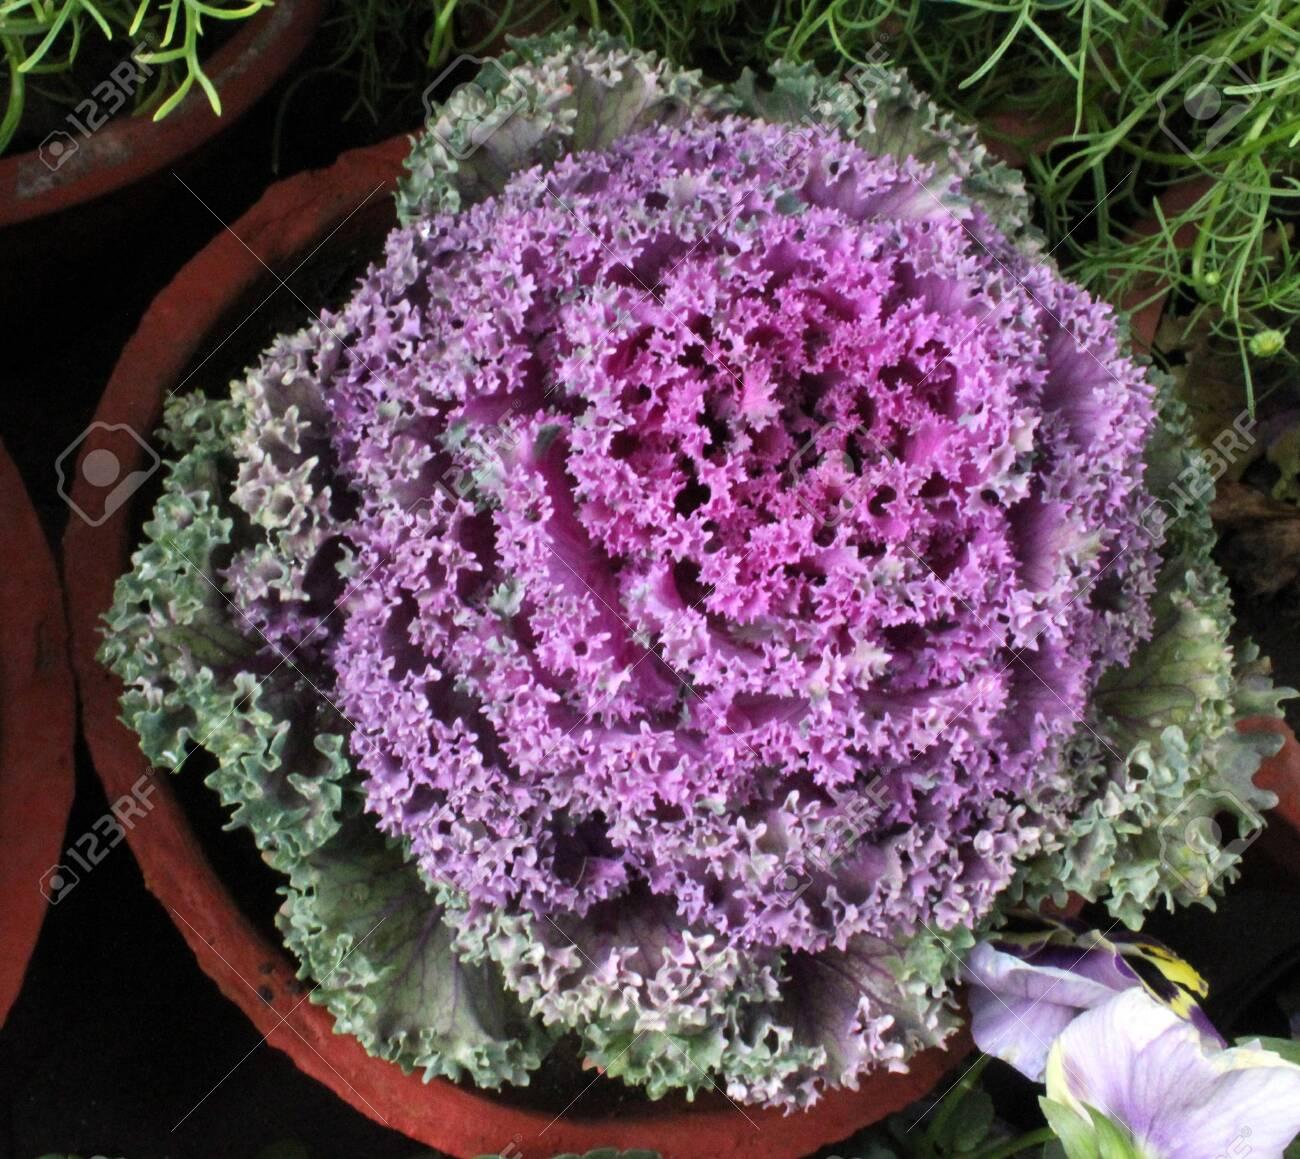 Ornamental Kale Flowering Kale Ornamental Cabbage Flowering